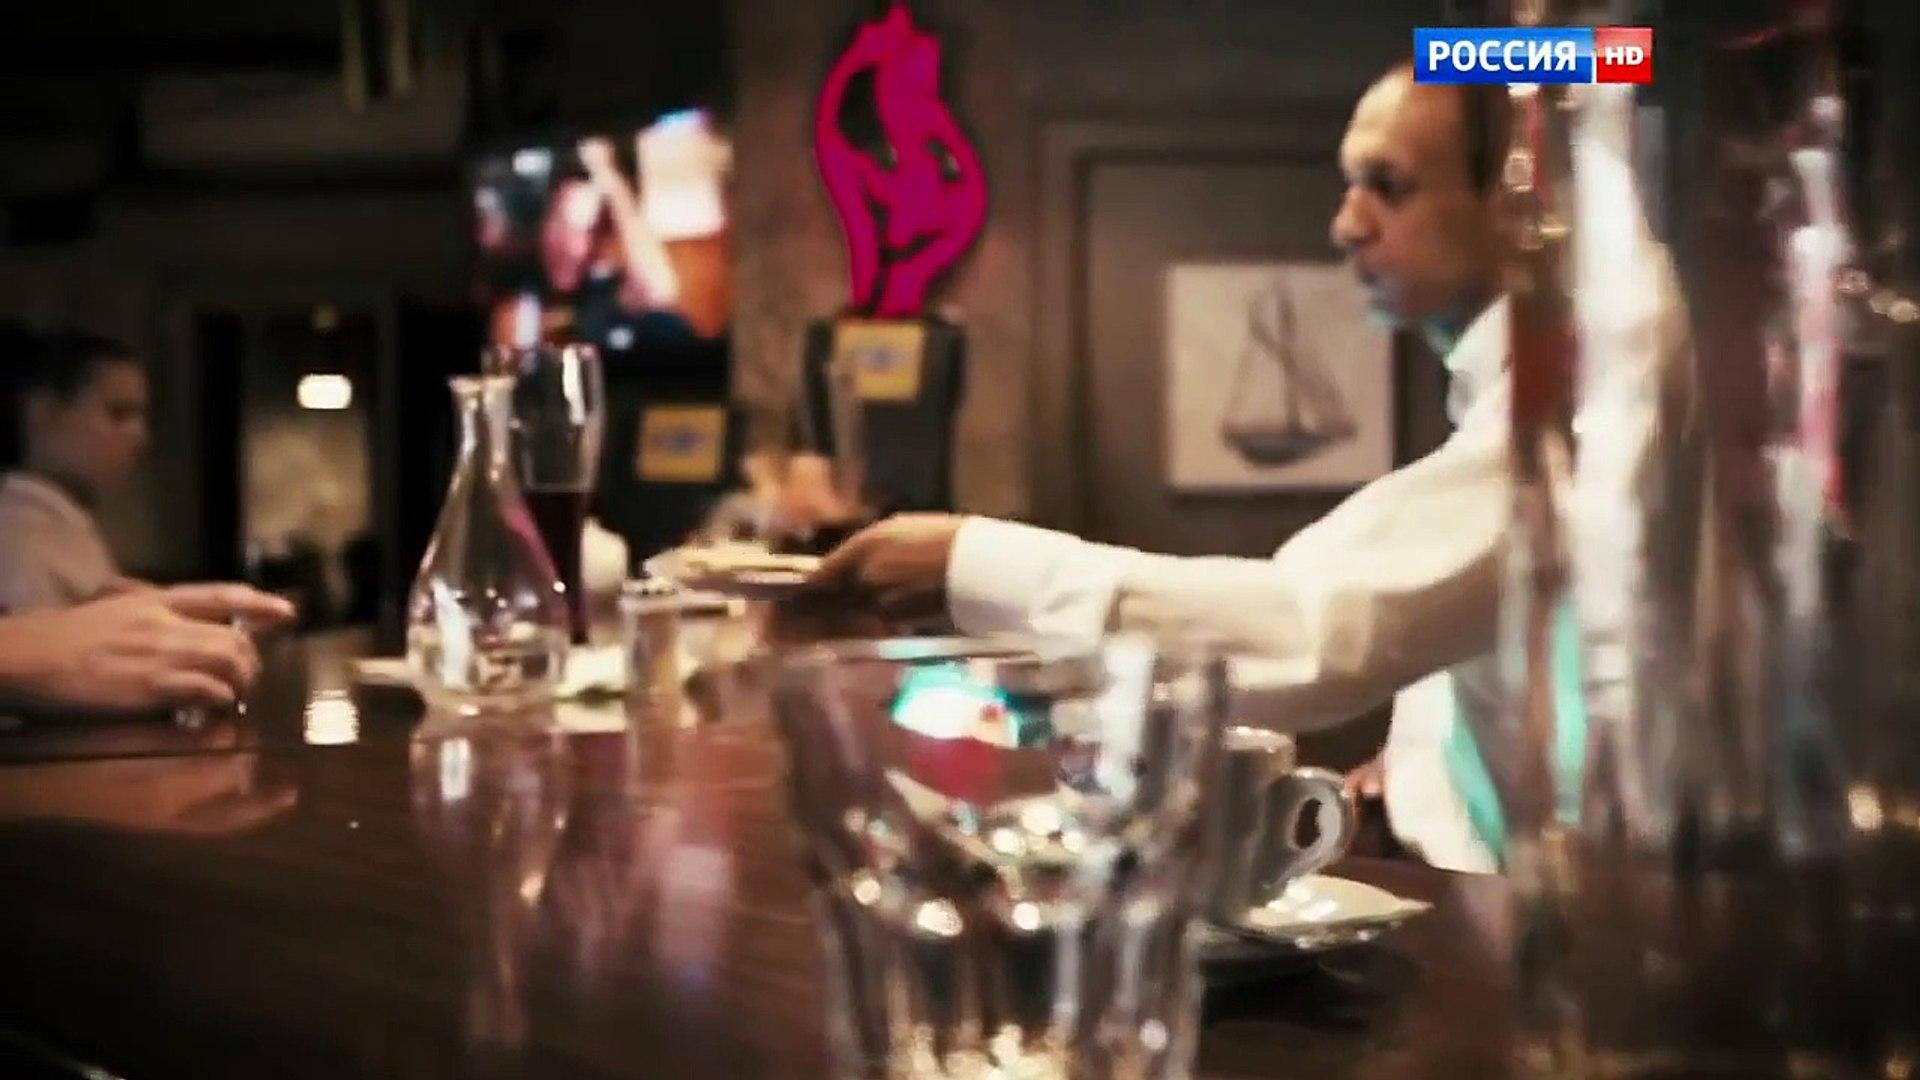 Холодное блюдо 1- 4 серии фильм HD мелодрамы русские 2015 новинки melodrama 2015 russian